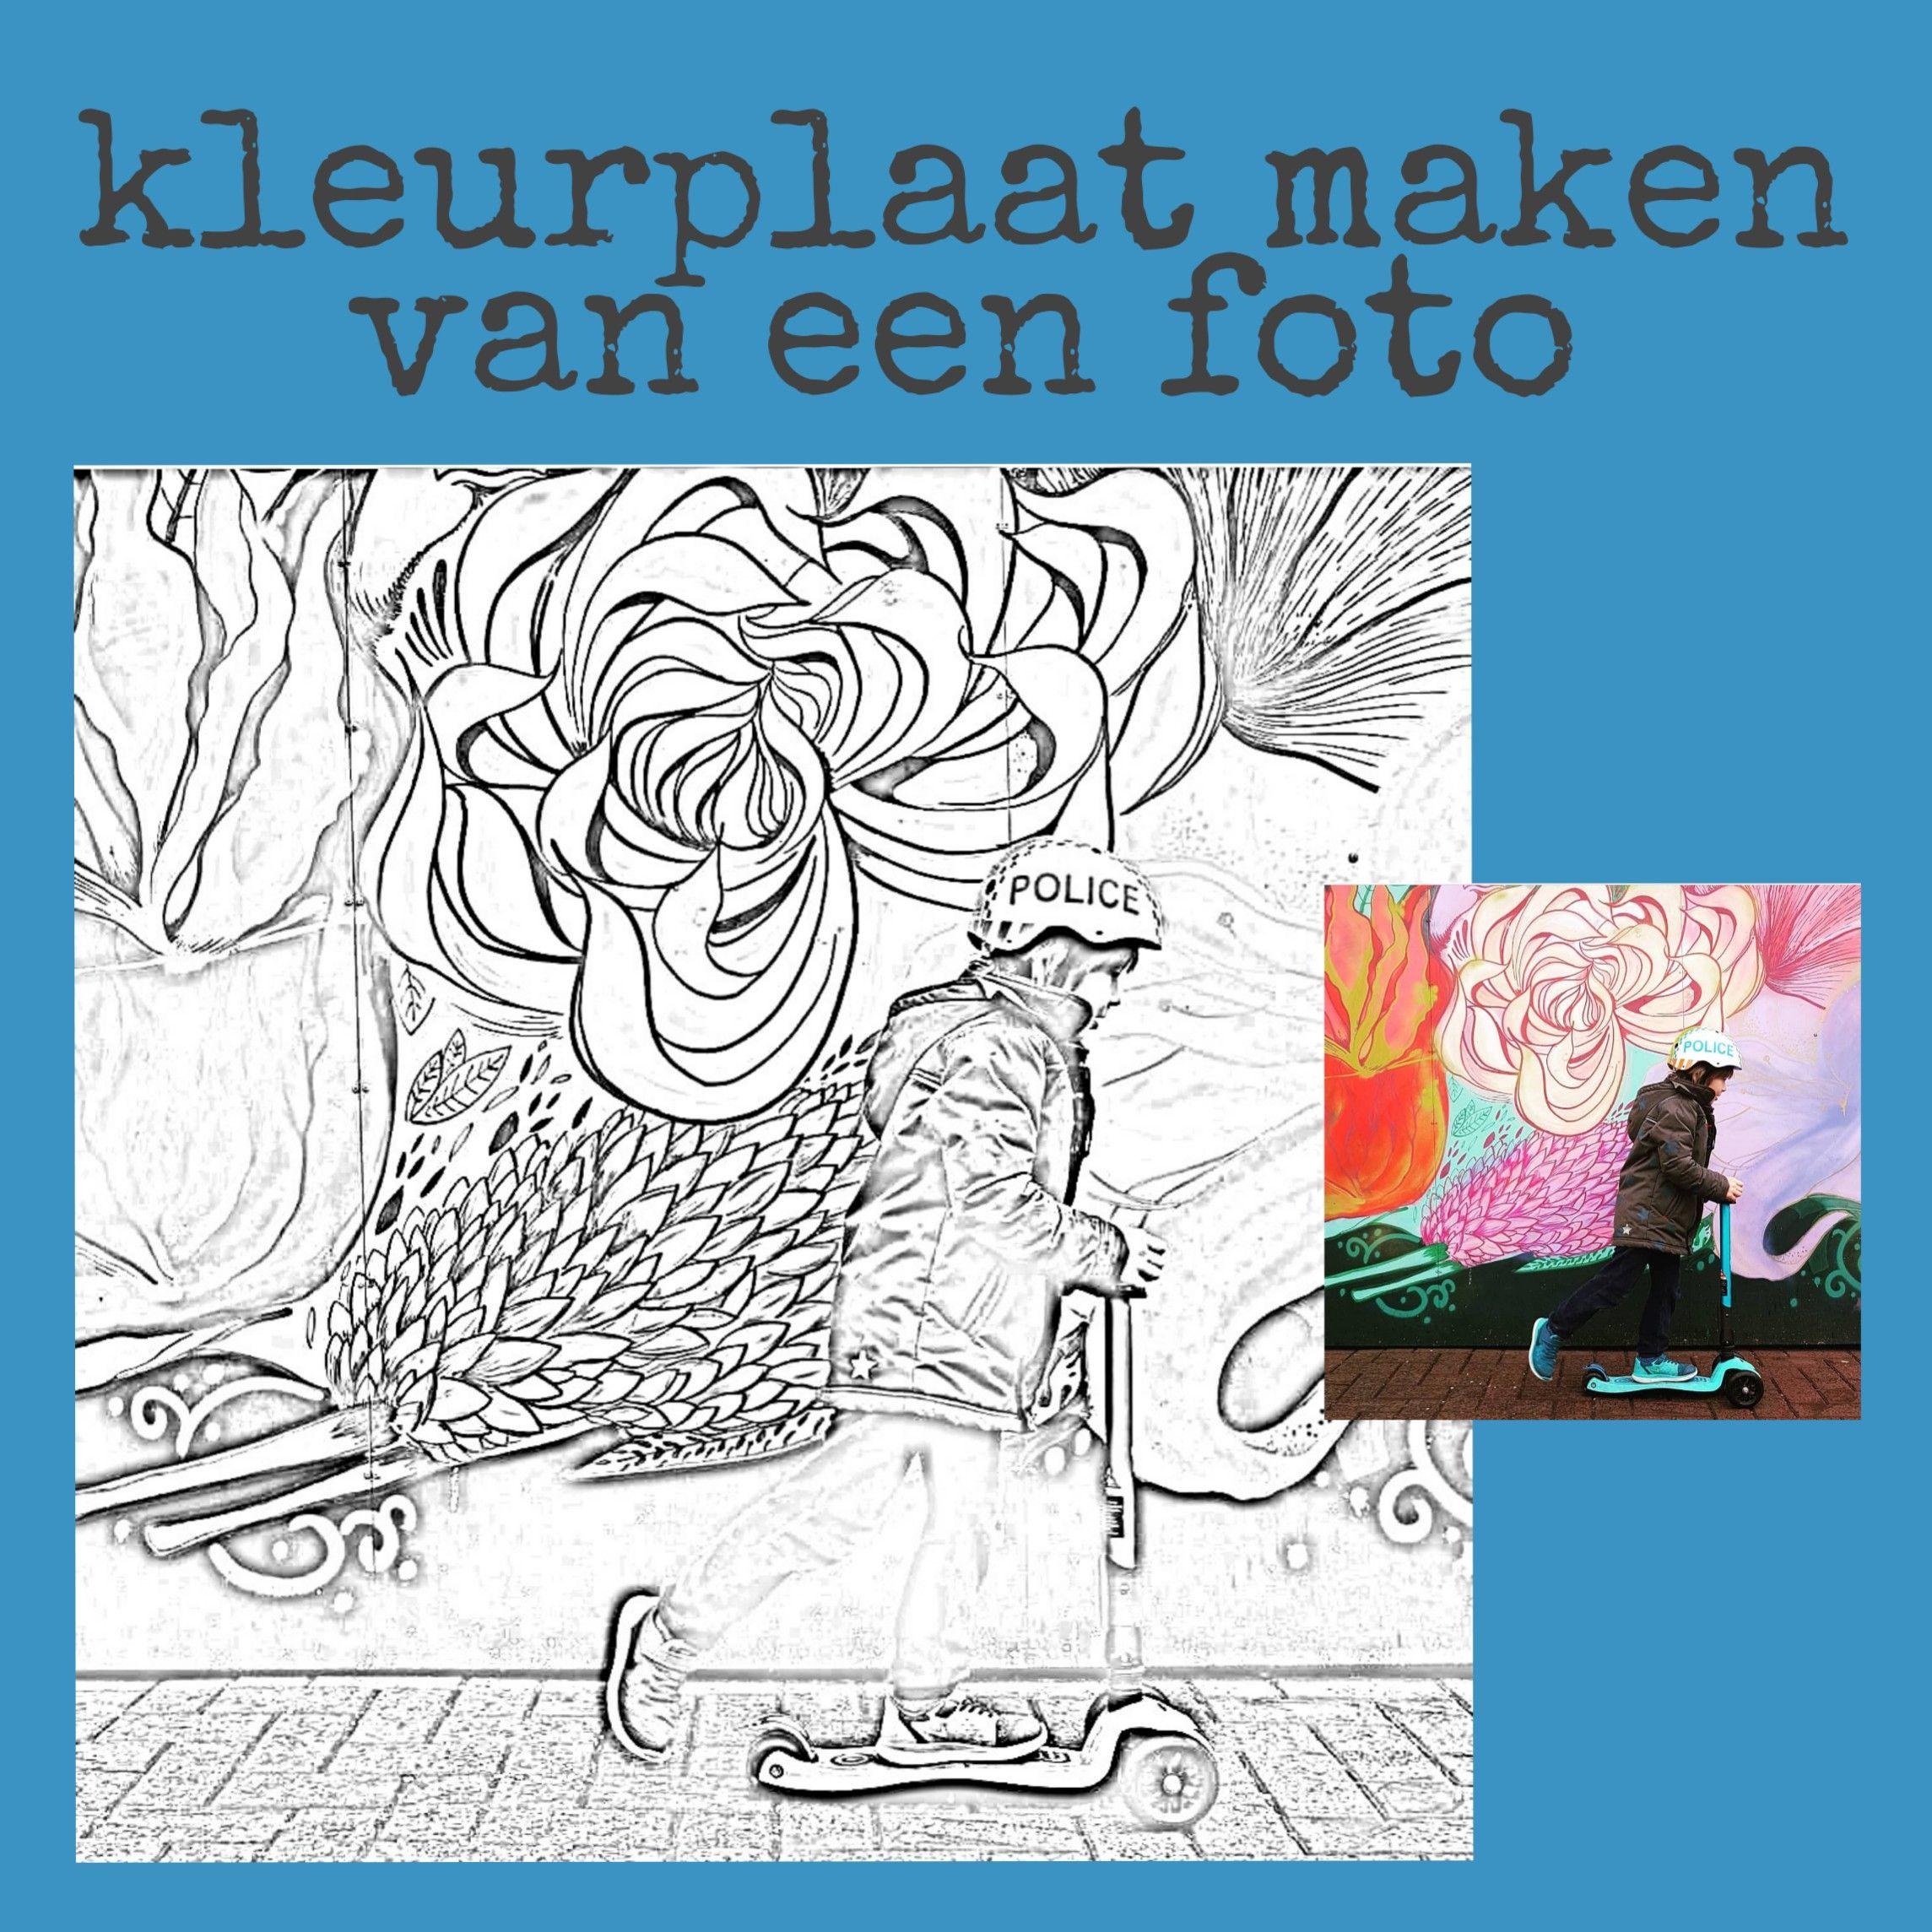 Een Kleurplaat Maken Van Een Foto Leuk Met Kids Kleurplaten Kleurplaten Voor Kinderen Mandala Kleurplaten